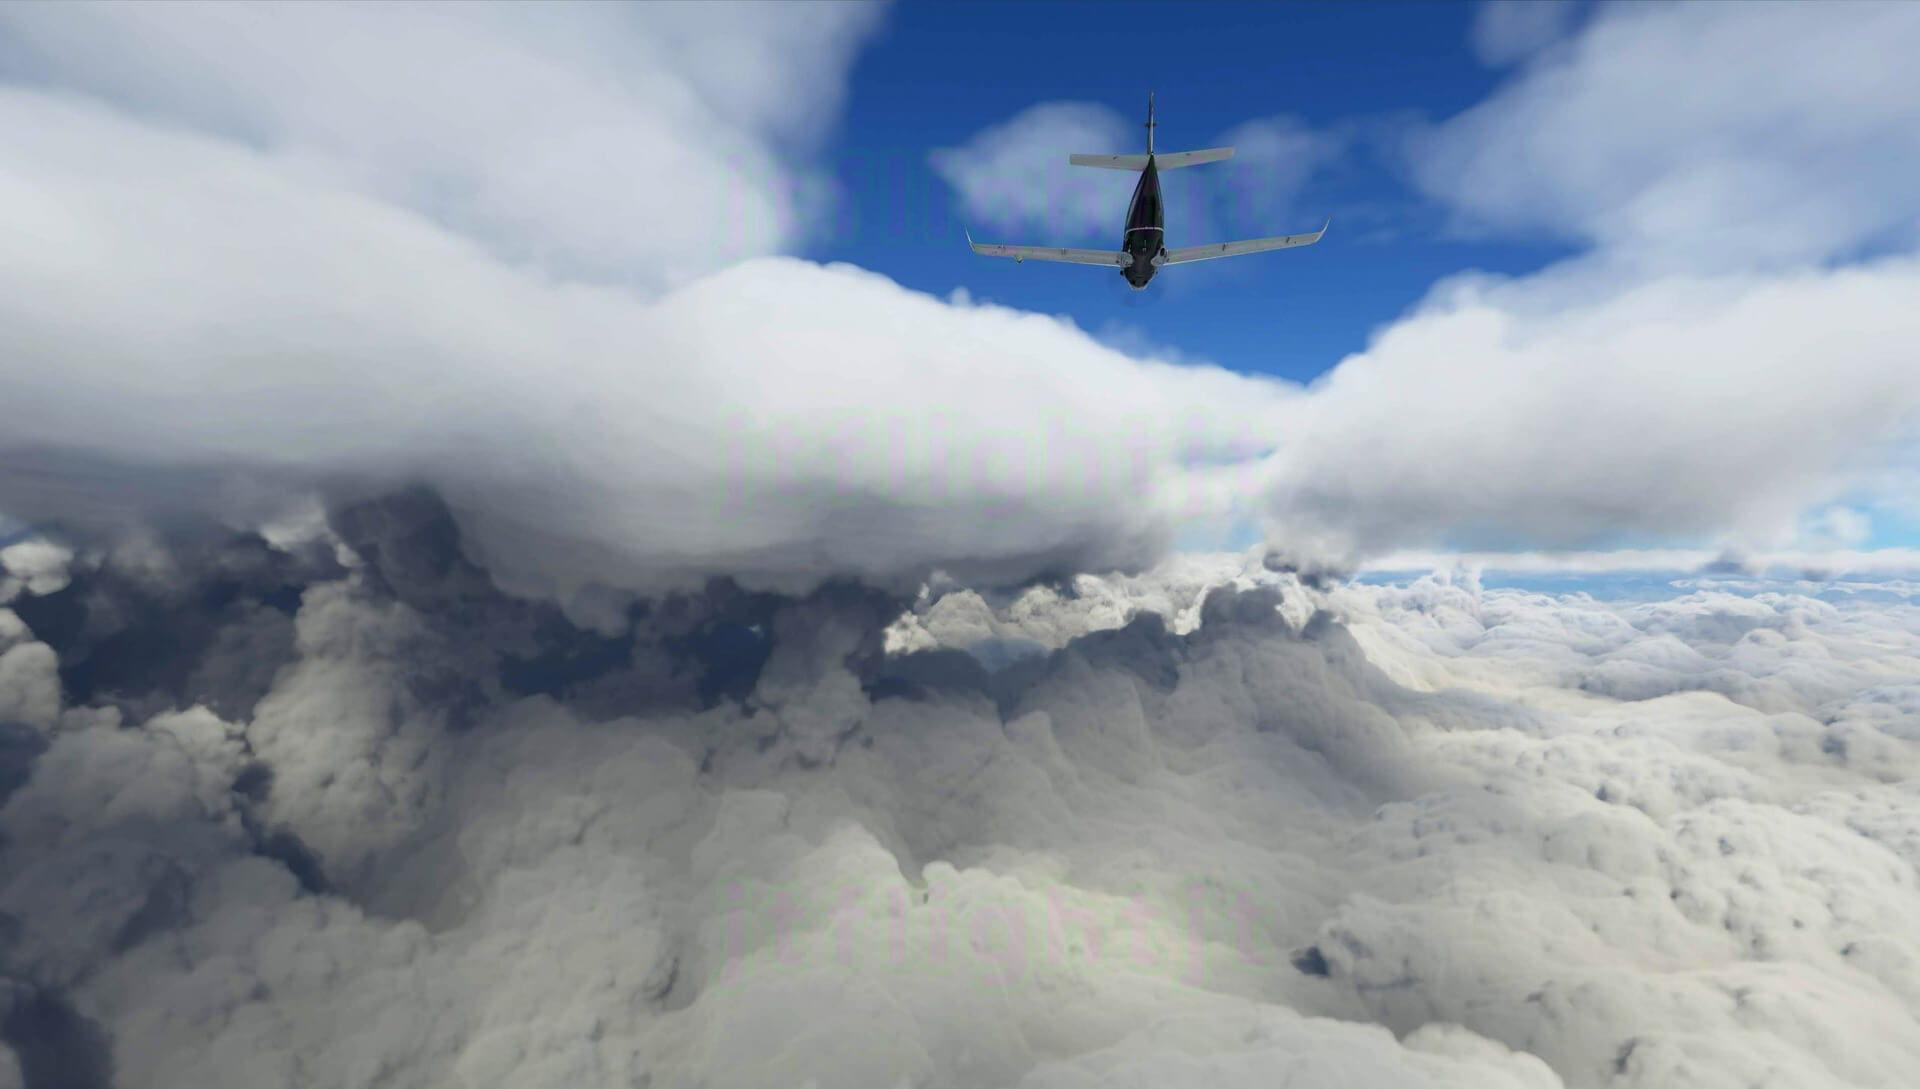 《微软飞行模拟》新实机截图再来袭:展现飞行时的宏大环境场面